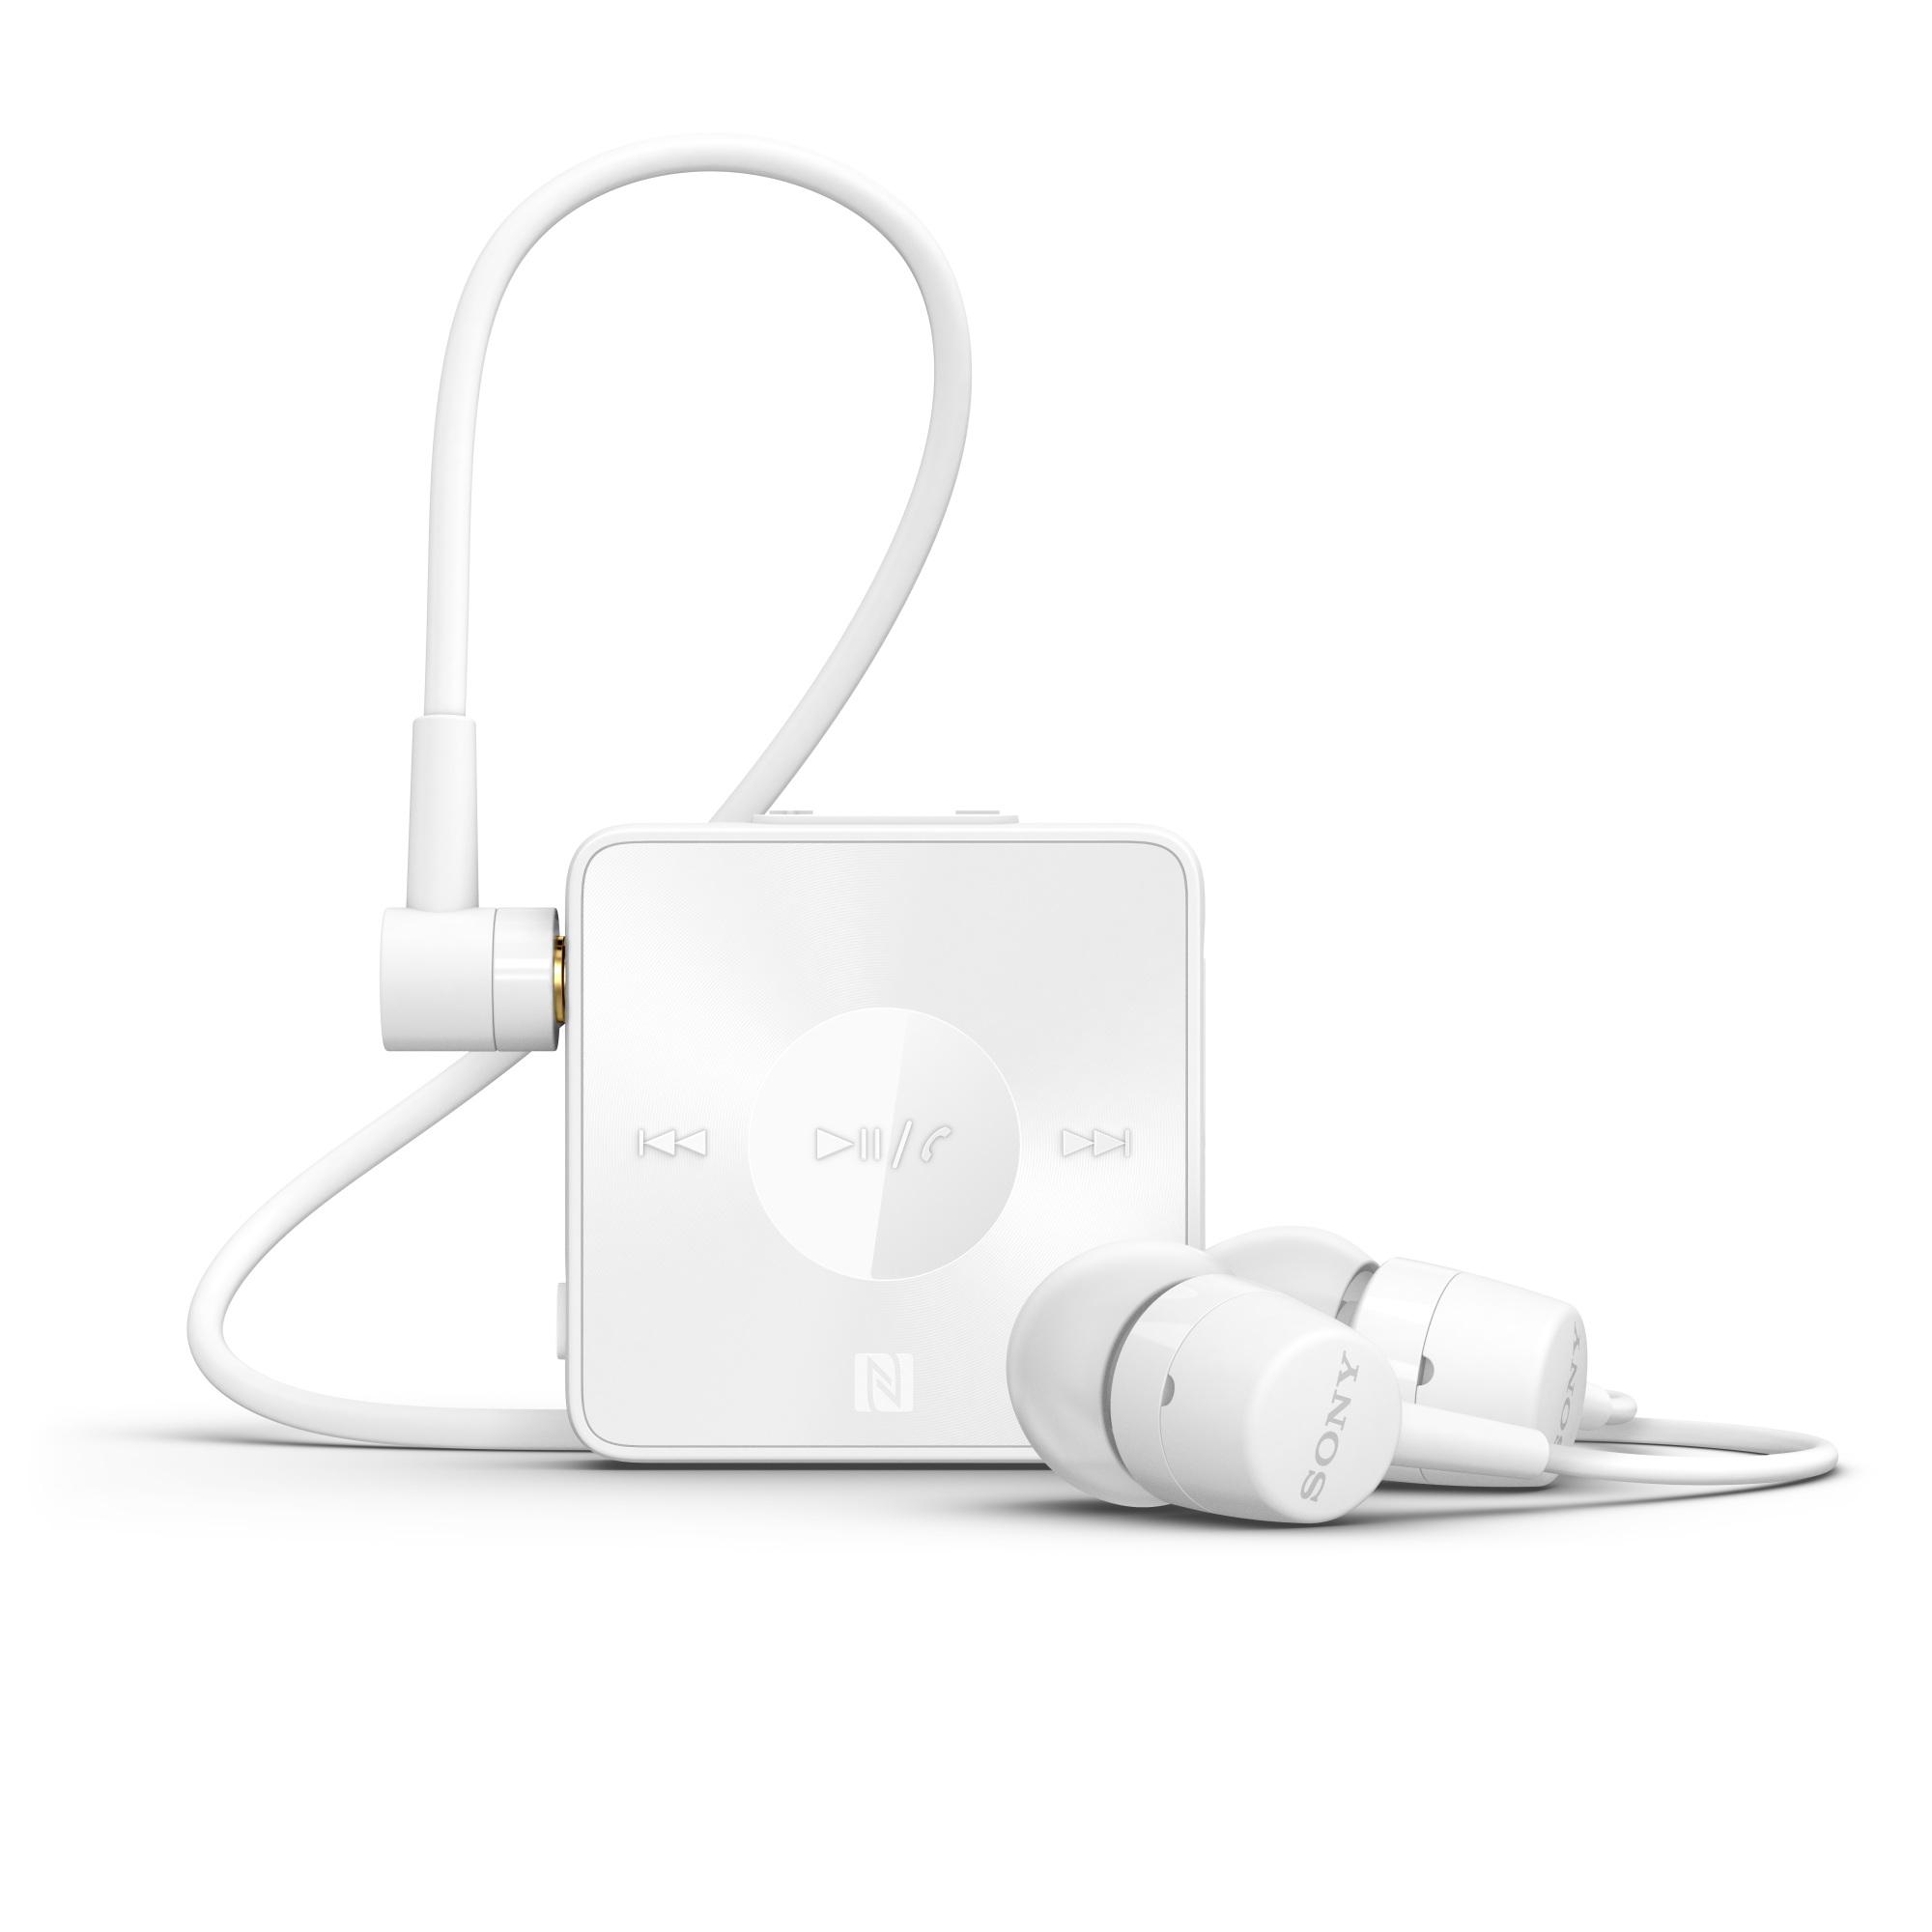 Oreillette Bluetooth Sony SBH20  blanc